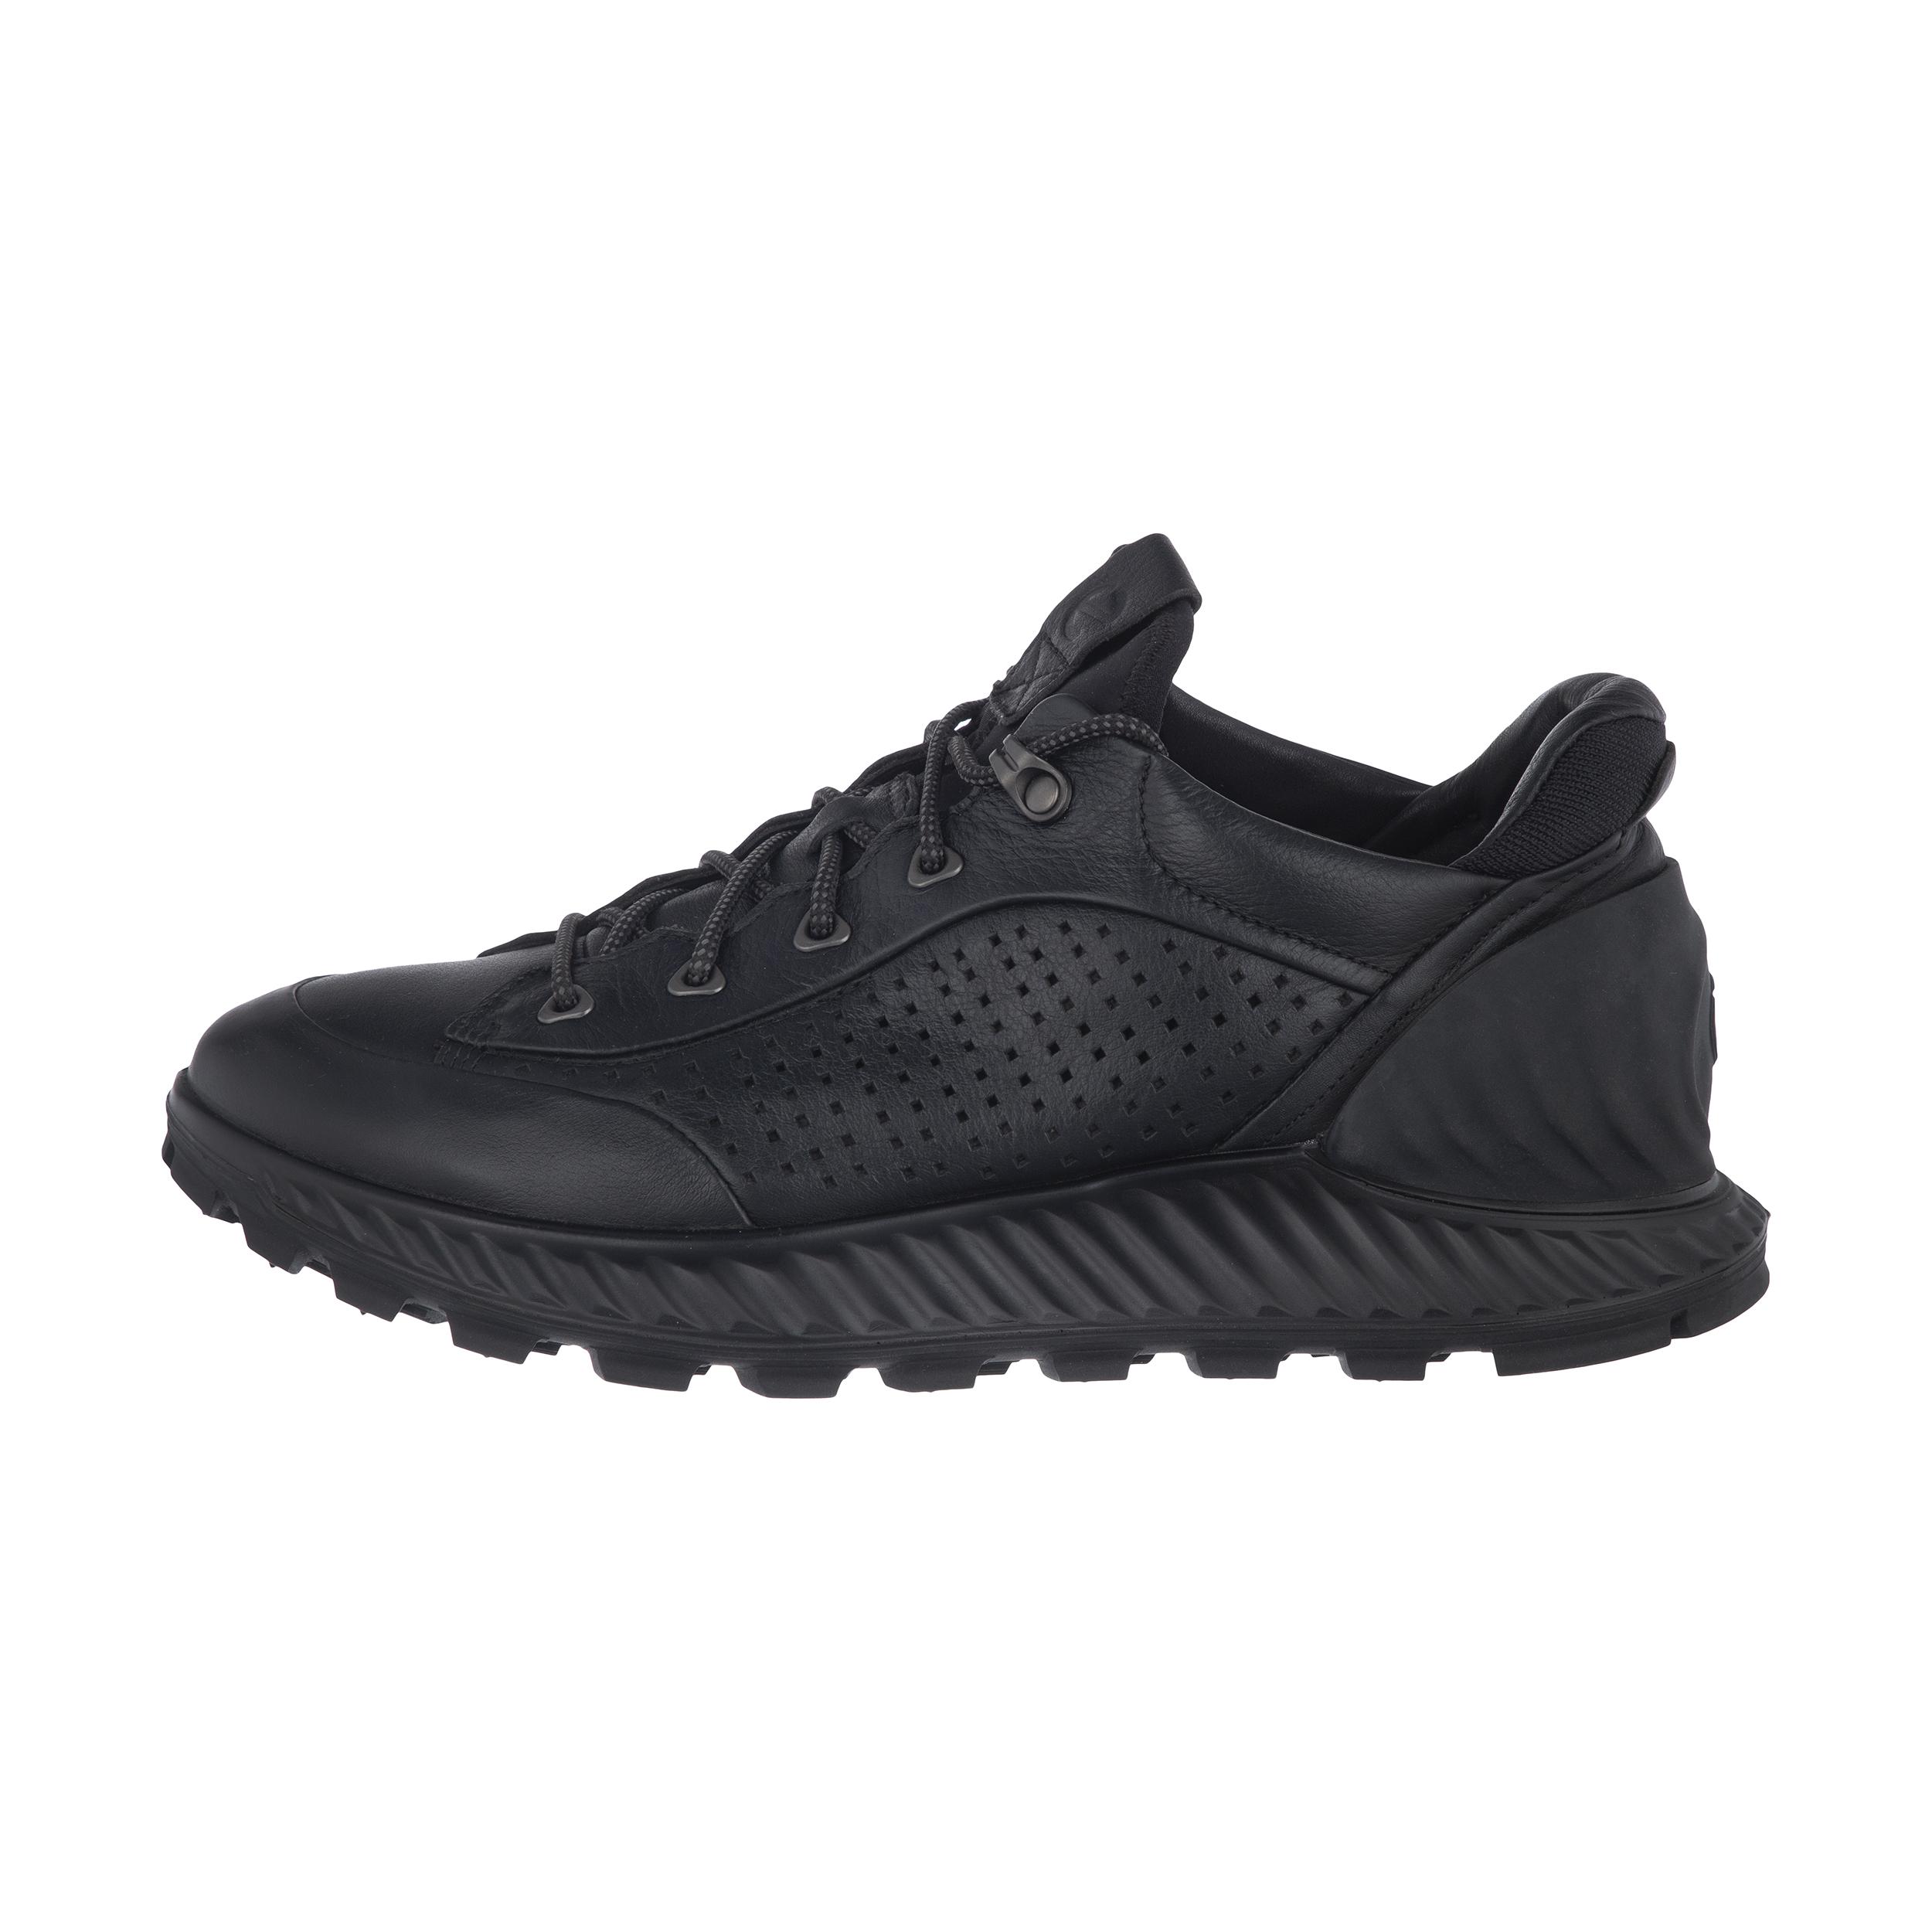 خرید                      كفش راحتي مردانه اكو كد v83238401001              👟